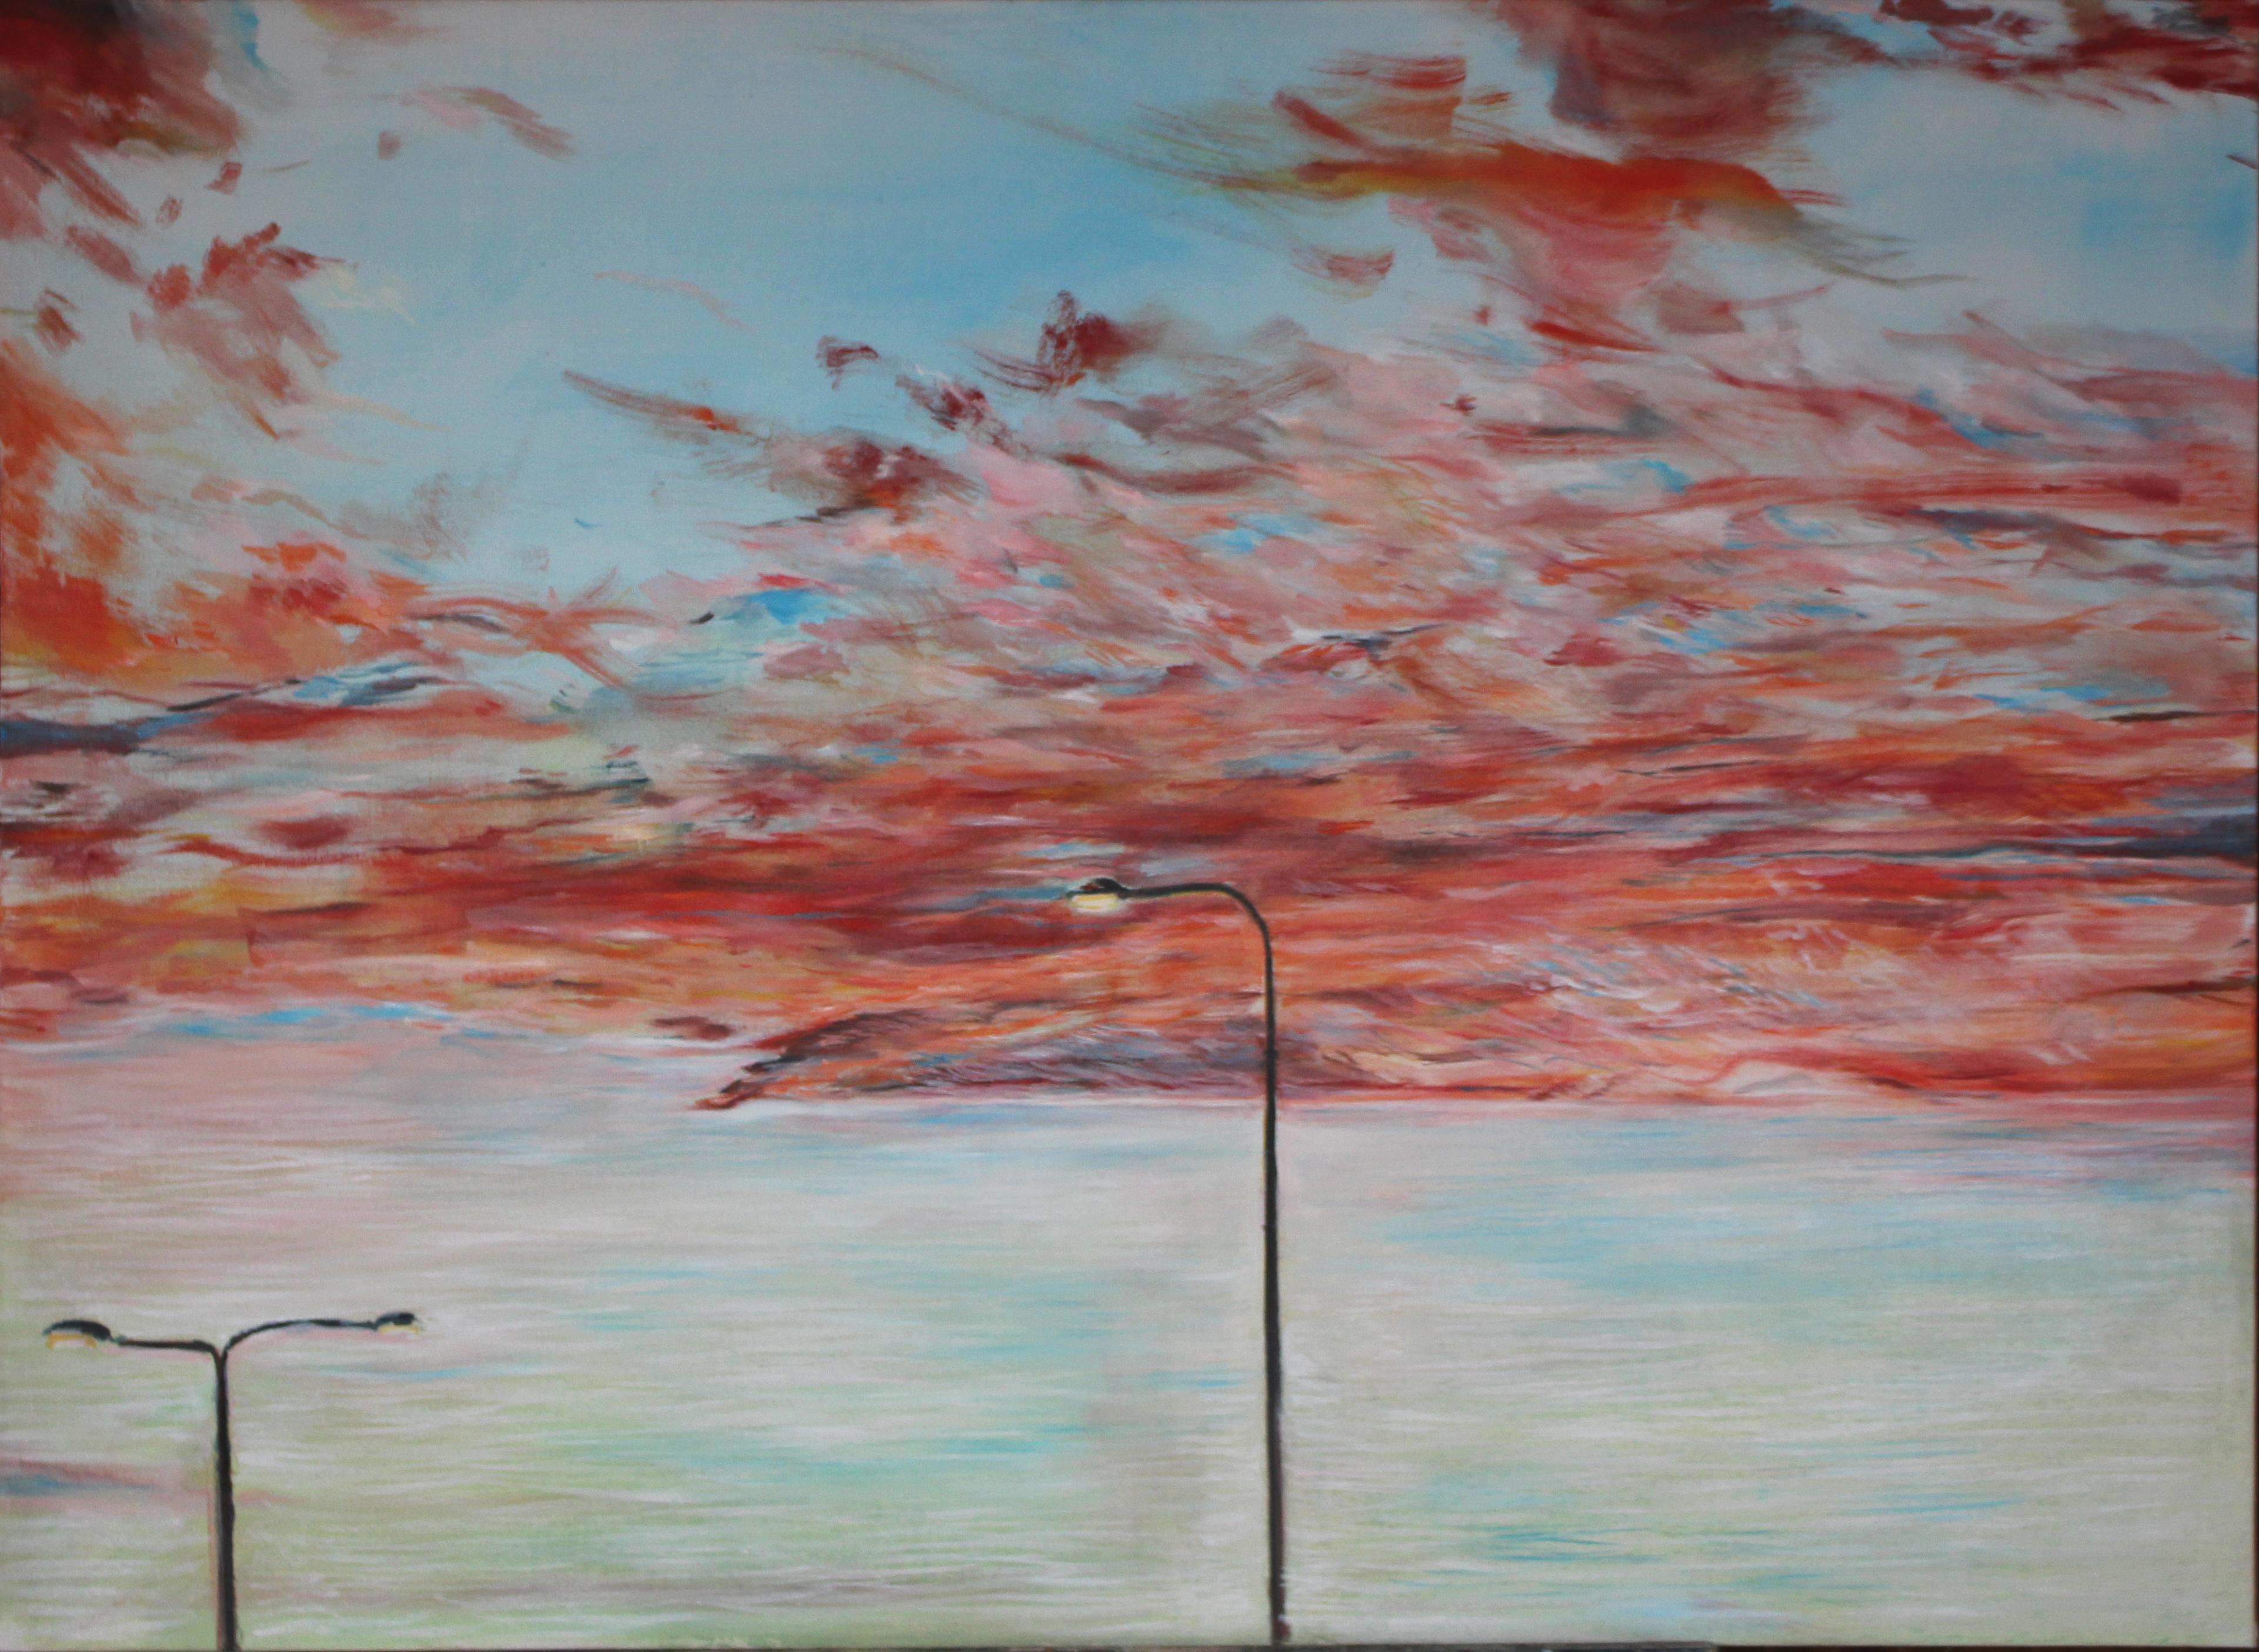 Jablko , olej na plátně, 95 x 80 cm, cena 10 000Kč